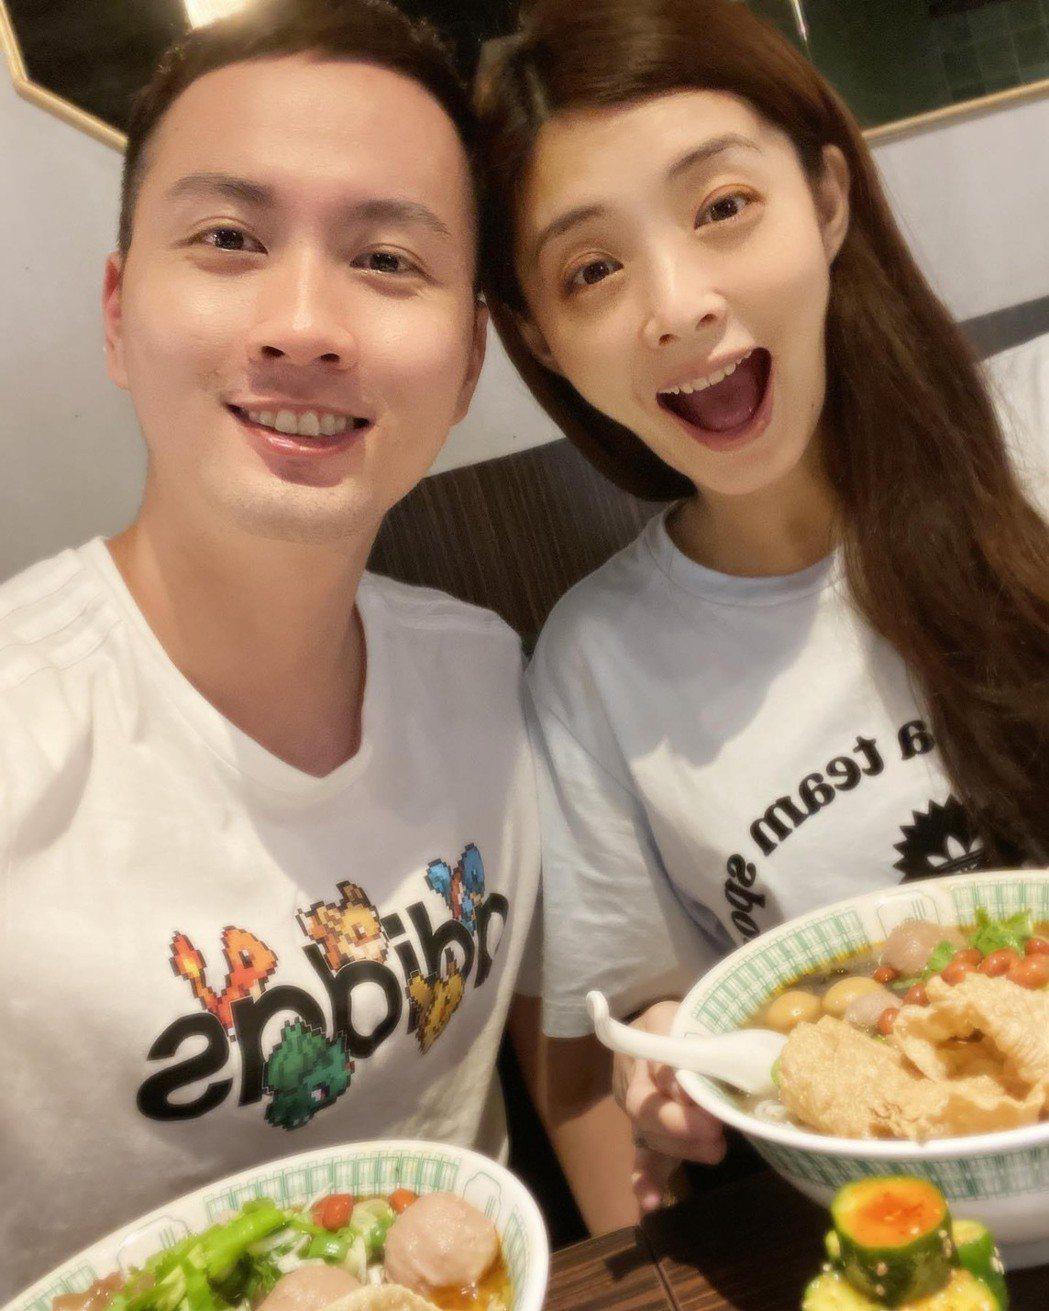 夏如芝(右)、張捷新婚生活超幸福。圖/摘自臉書